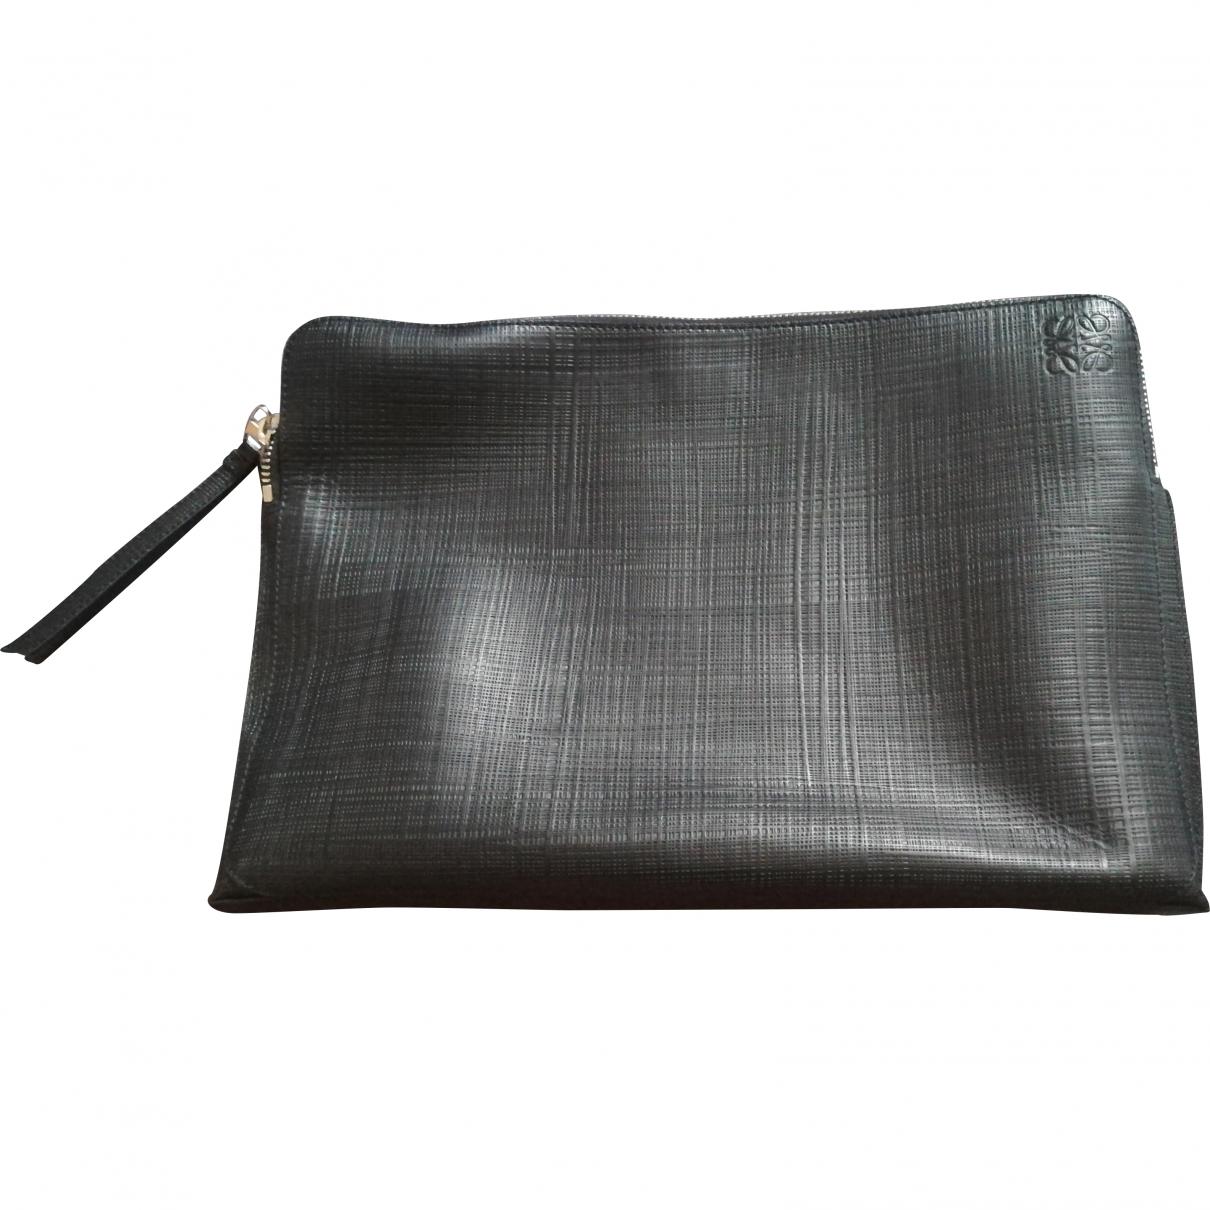 Loewe - Petite maroquinerie   pour homme en cuir - noir